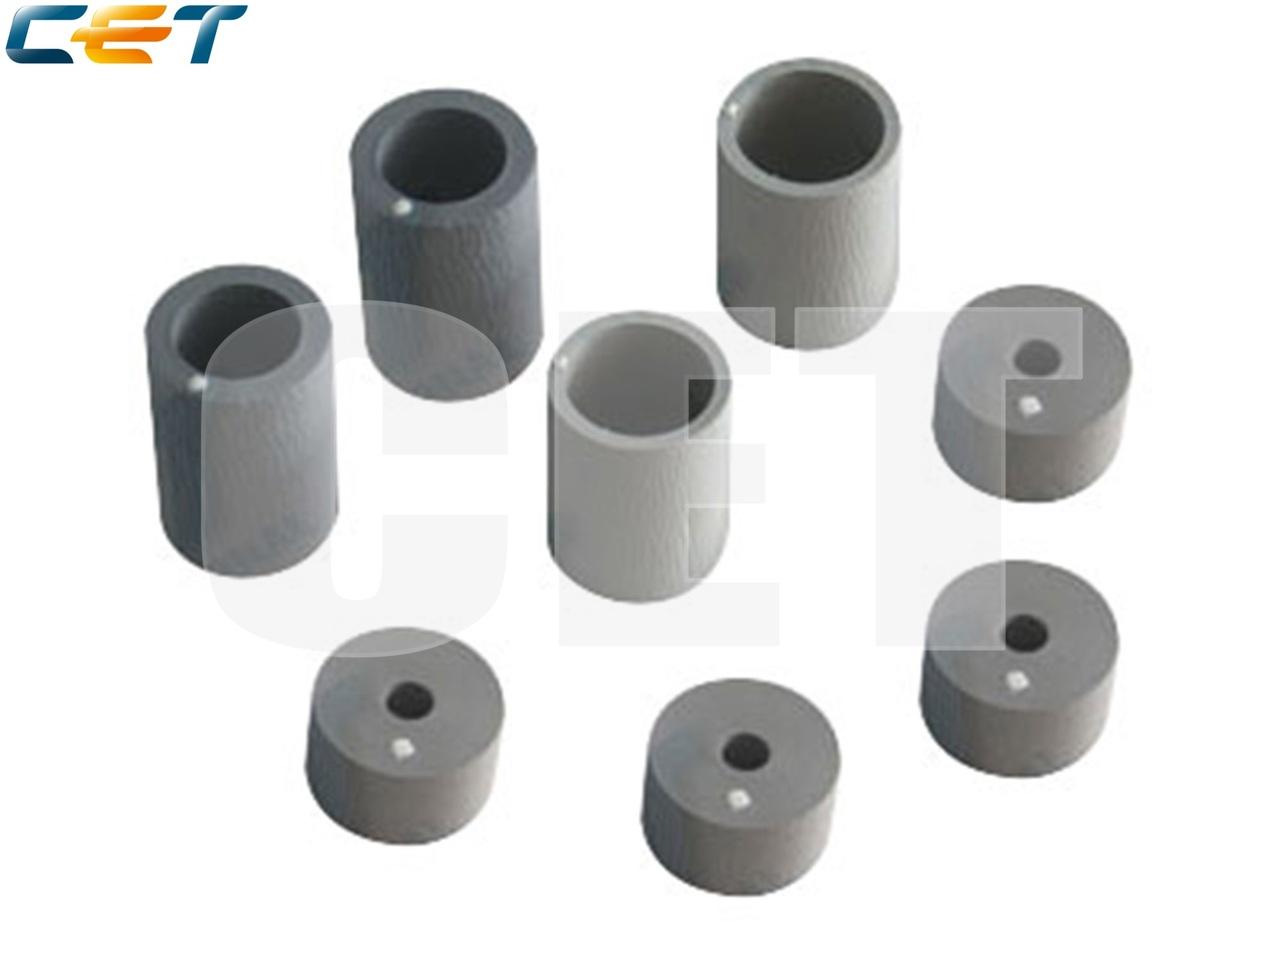 Комплект резинок роликов 4401964410 (2шт.), 41306719000 (4шт.), 41304047100 (2 шт.) для TOSHIBA E-Studio205L/255/305/355/455 (CET), CET8403